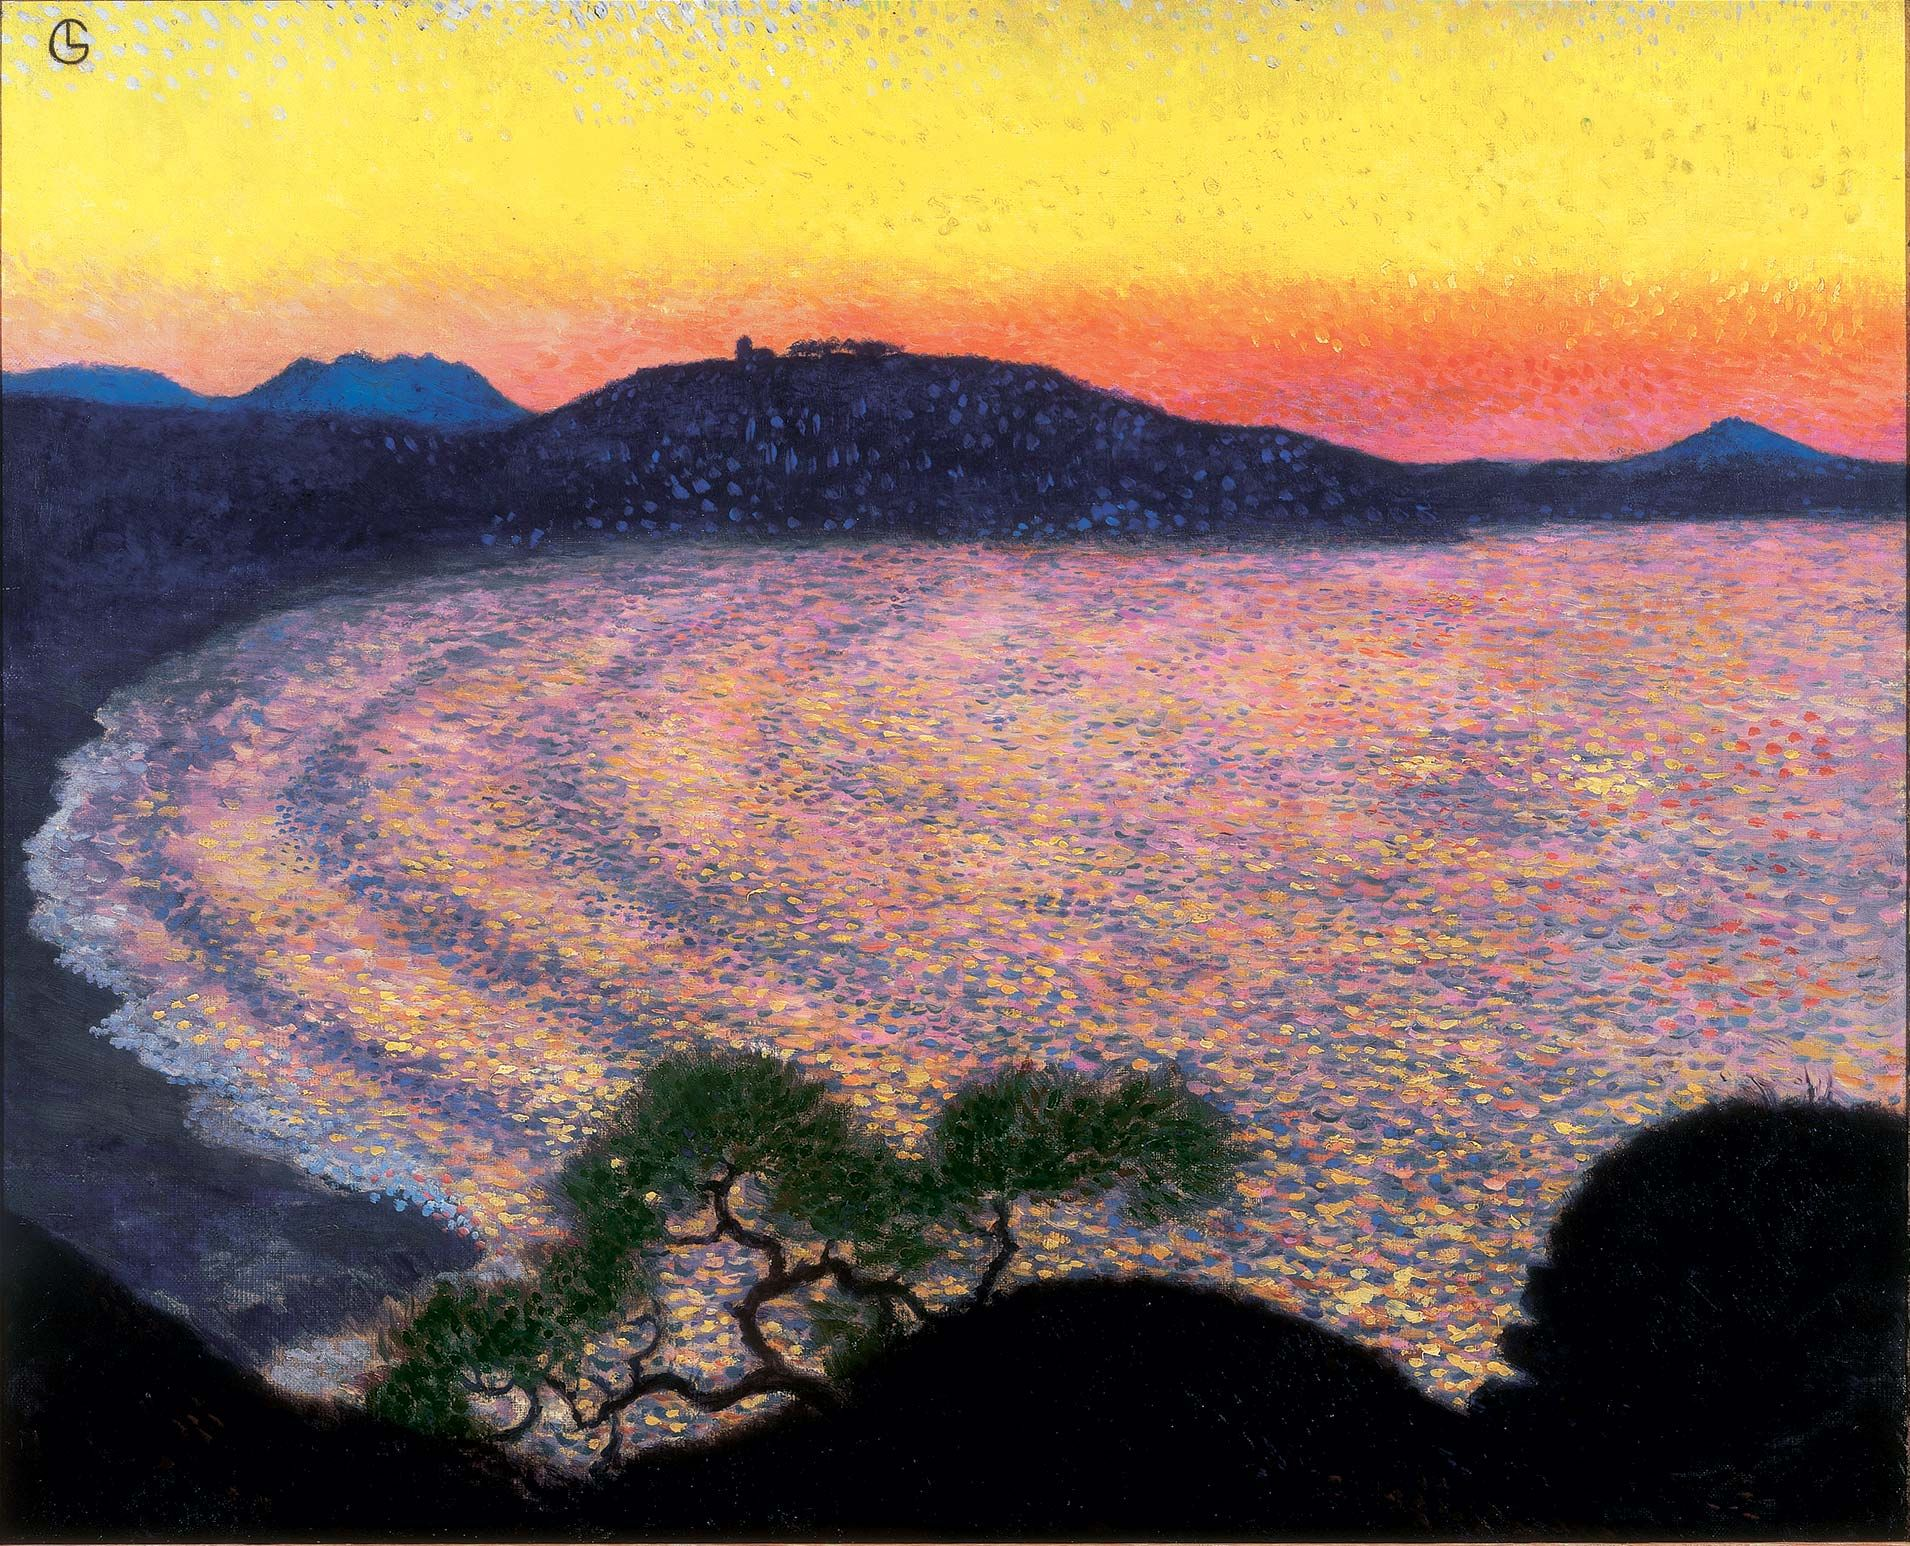 Georges Lacombe (1868-1916), Baie de Saint-Jean-de-Luz (Côte de Sainte-Barbe), vers 1904. Collection particulière